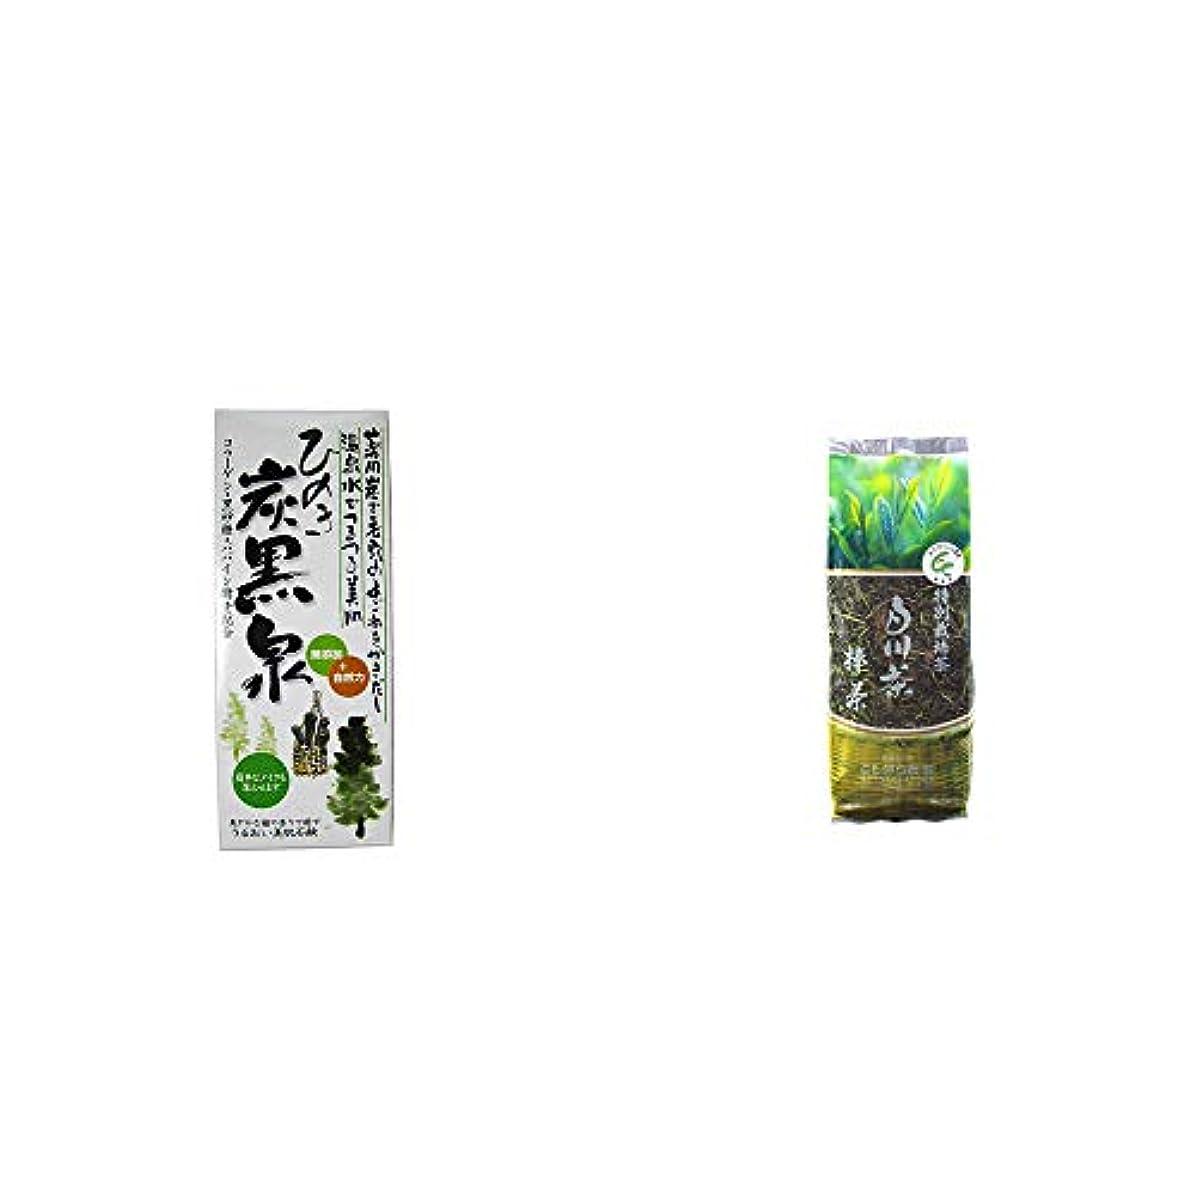 アルファベット順クリエイティブ学期[2点セット] ひのき炭黒泉 箱入り(75g×3)?白川茶 特別栽培茶【棒茶】(150g)